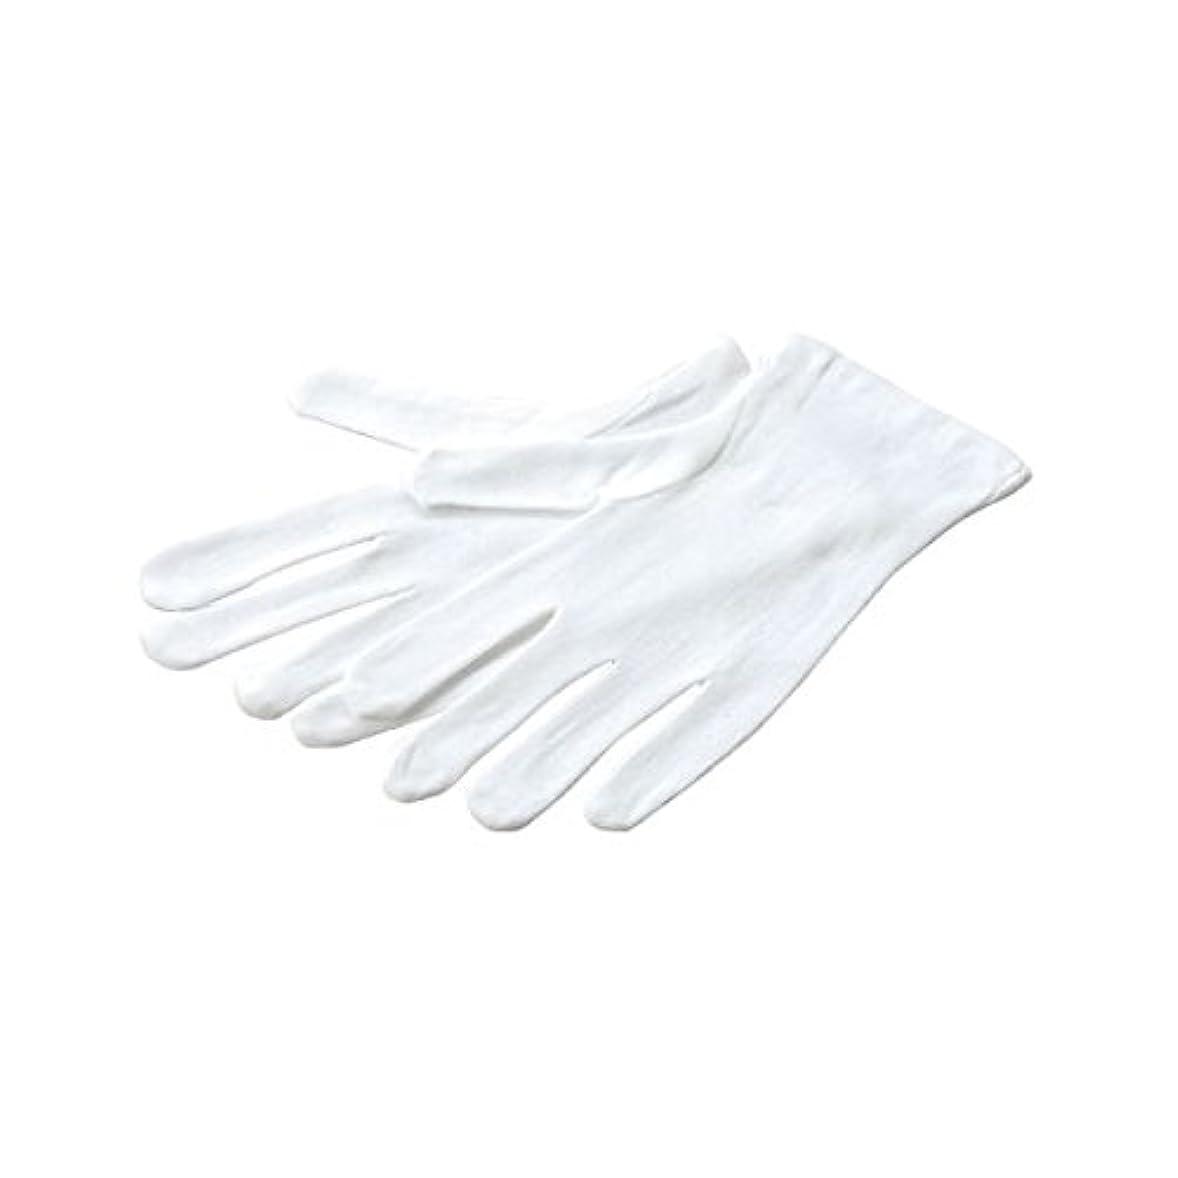 制限スキム感じるミタニコーポレーション 品質管理用手袋スムス マチナシ 210080 12双入 【×5セット】